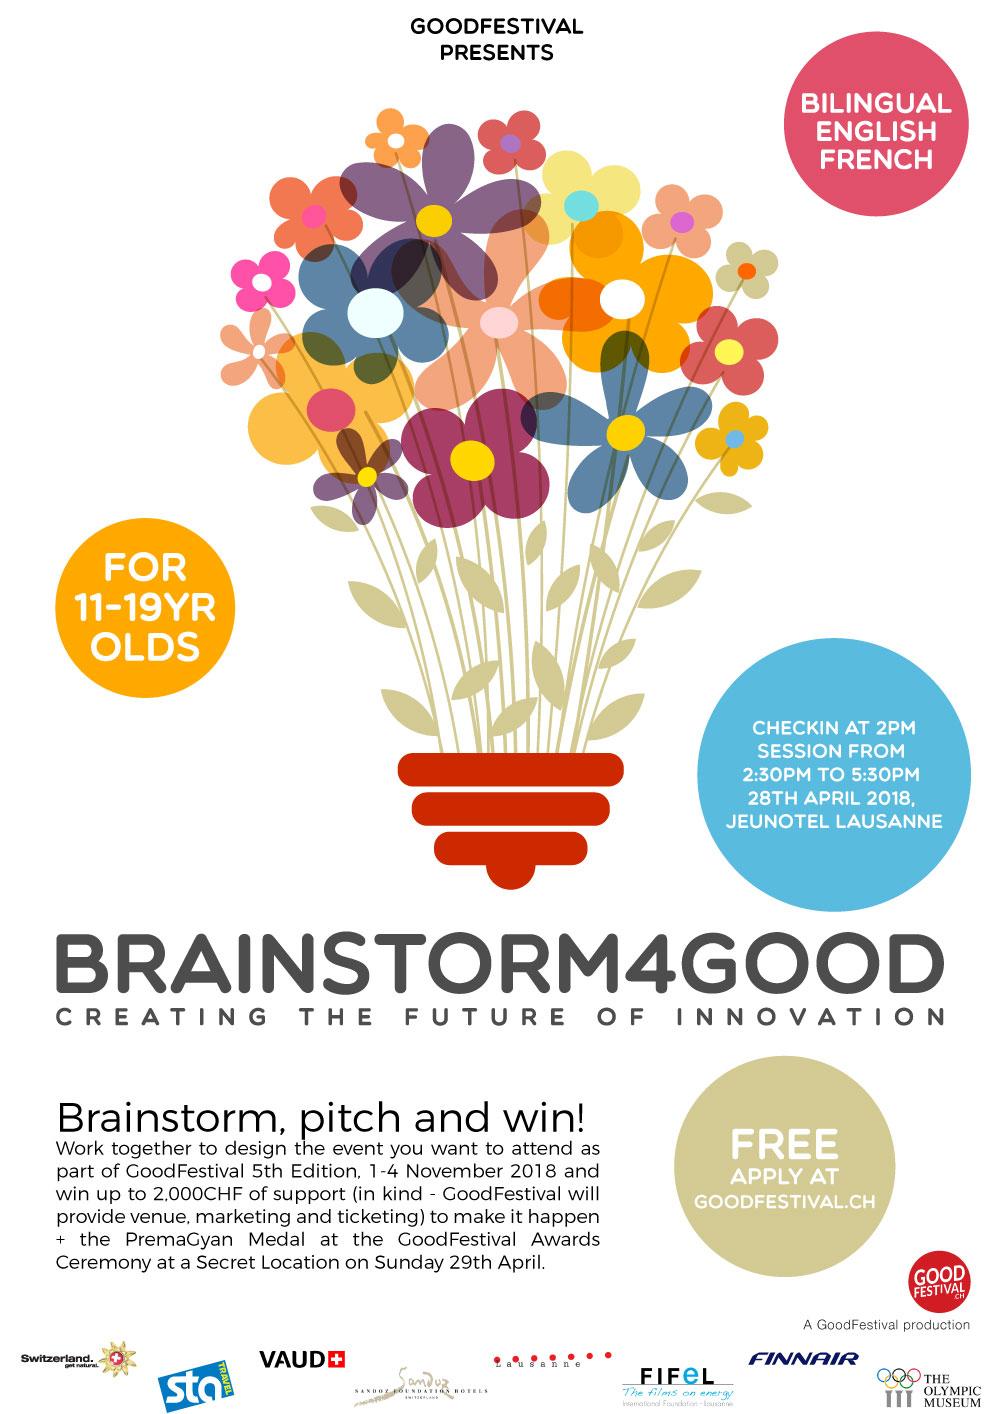 Brainstorm4Good-Poster-V1-7.jpg